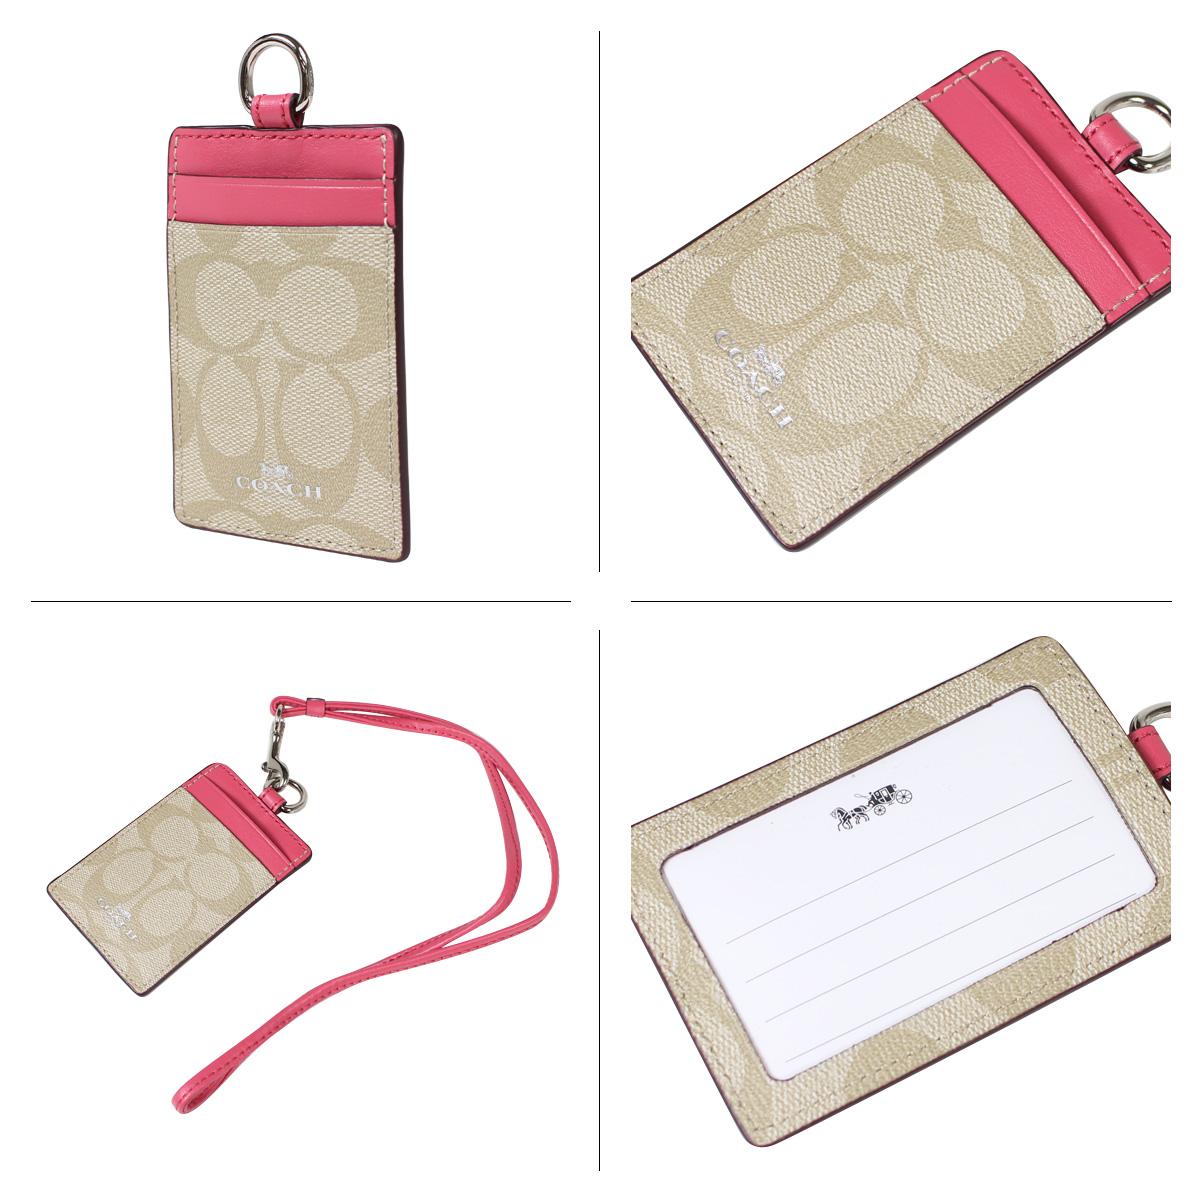 教练路径情况COACH卡片匣月票夹F63274黄褐色×草莓女士[1/11新进货]